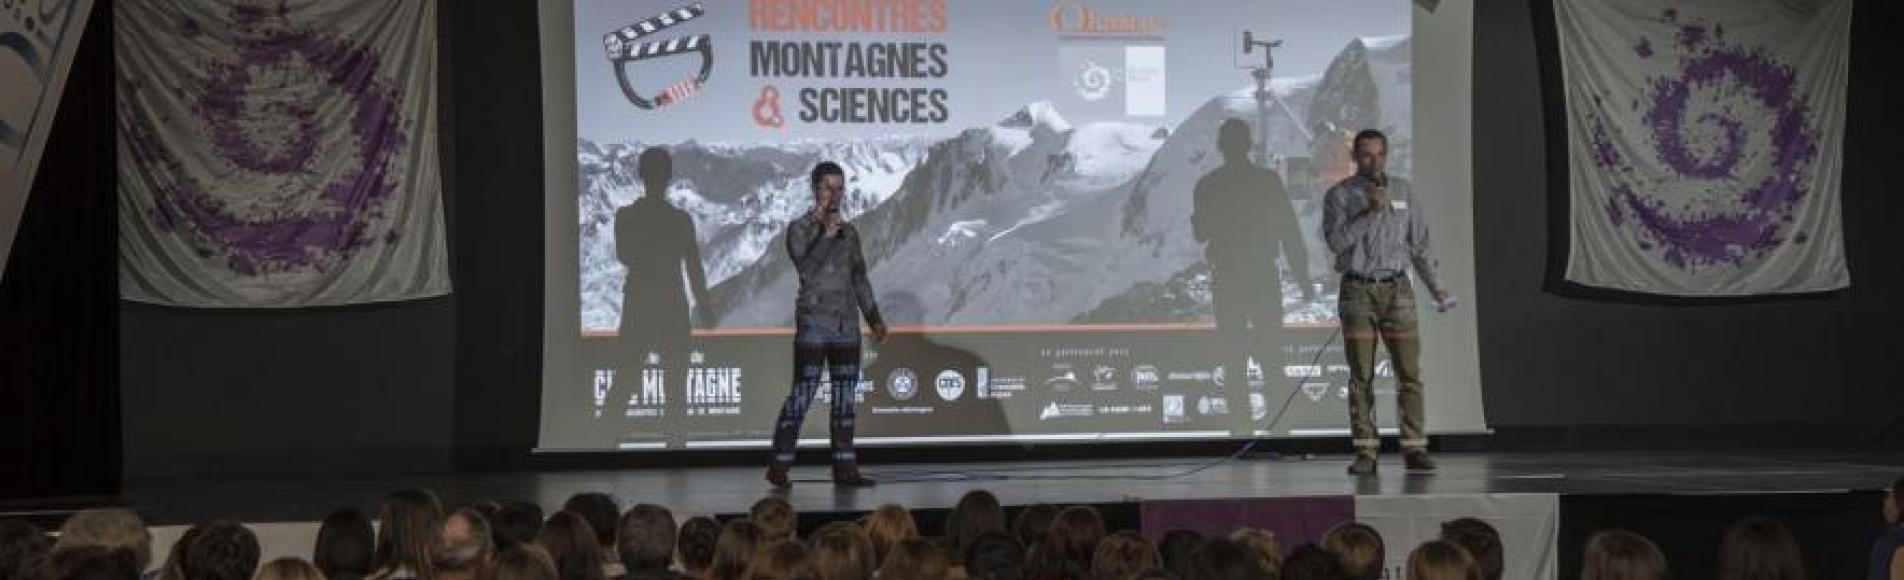 Montagnes et sciences - 10 novembre 2015 - Le Bourg d'Oisans - photos Bernard Clouët